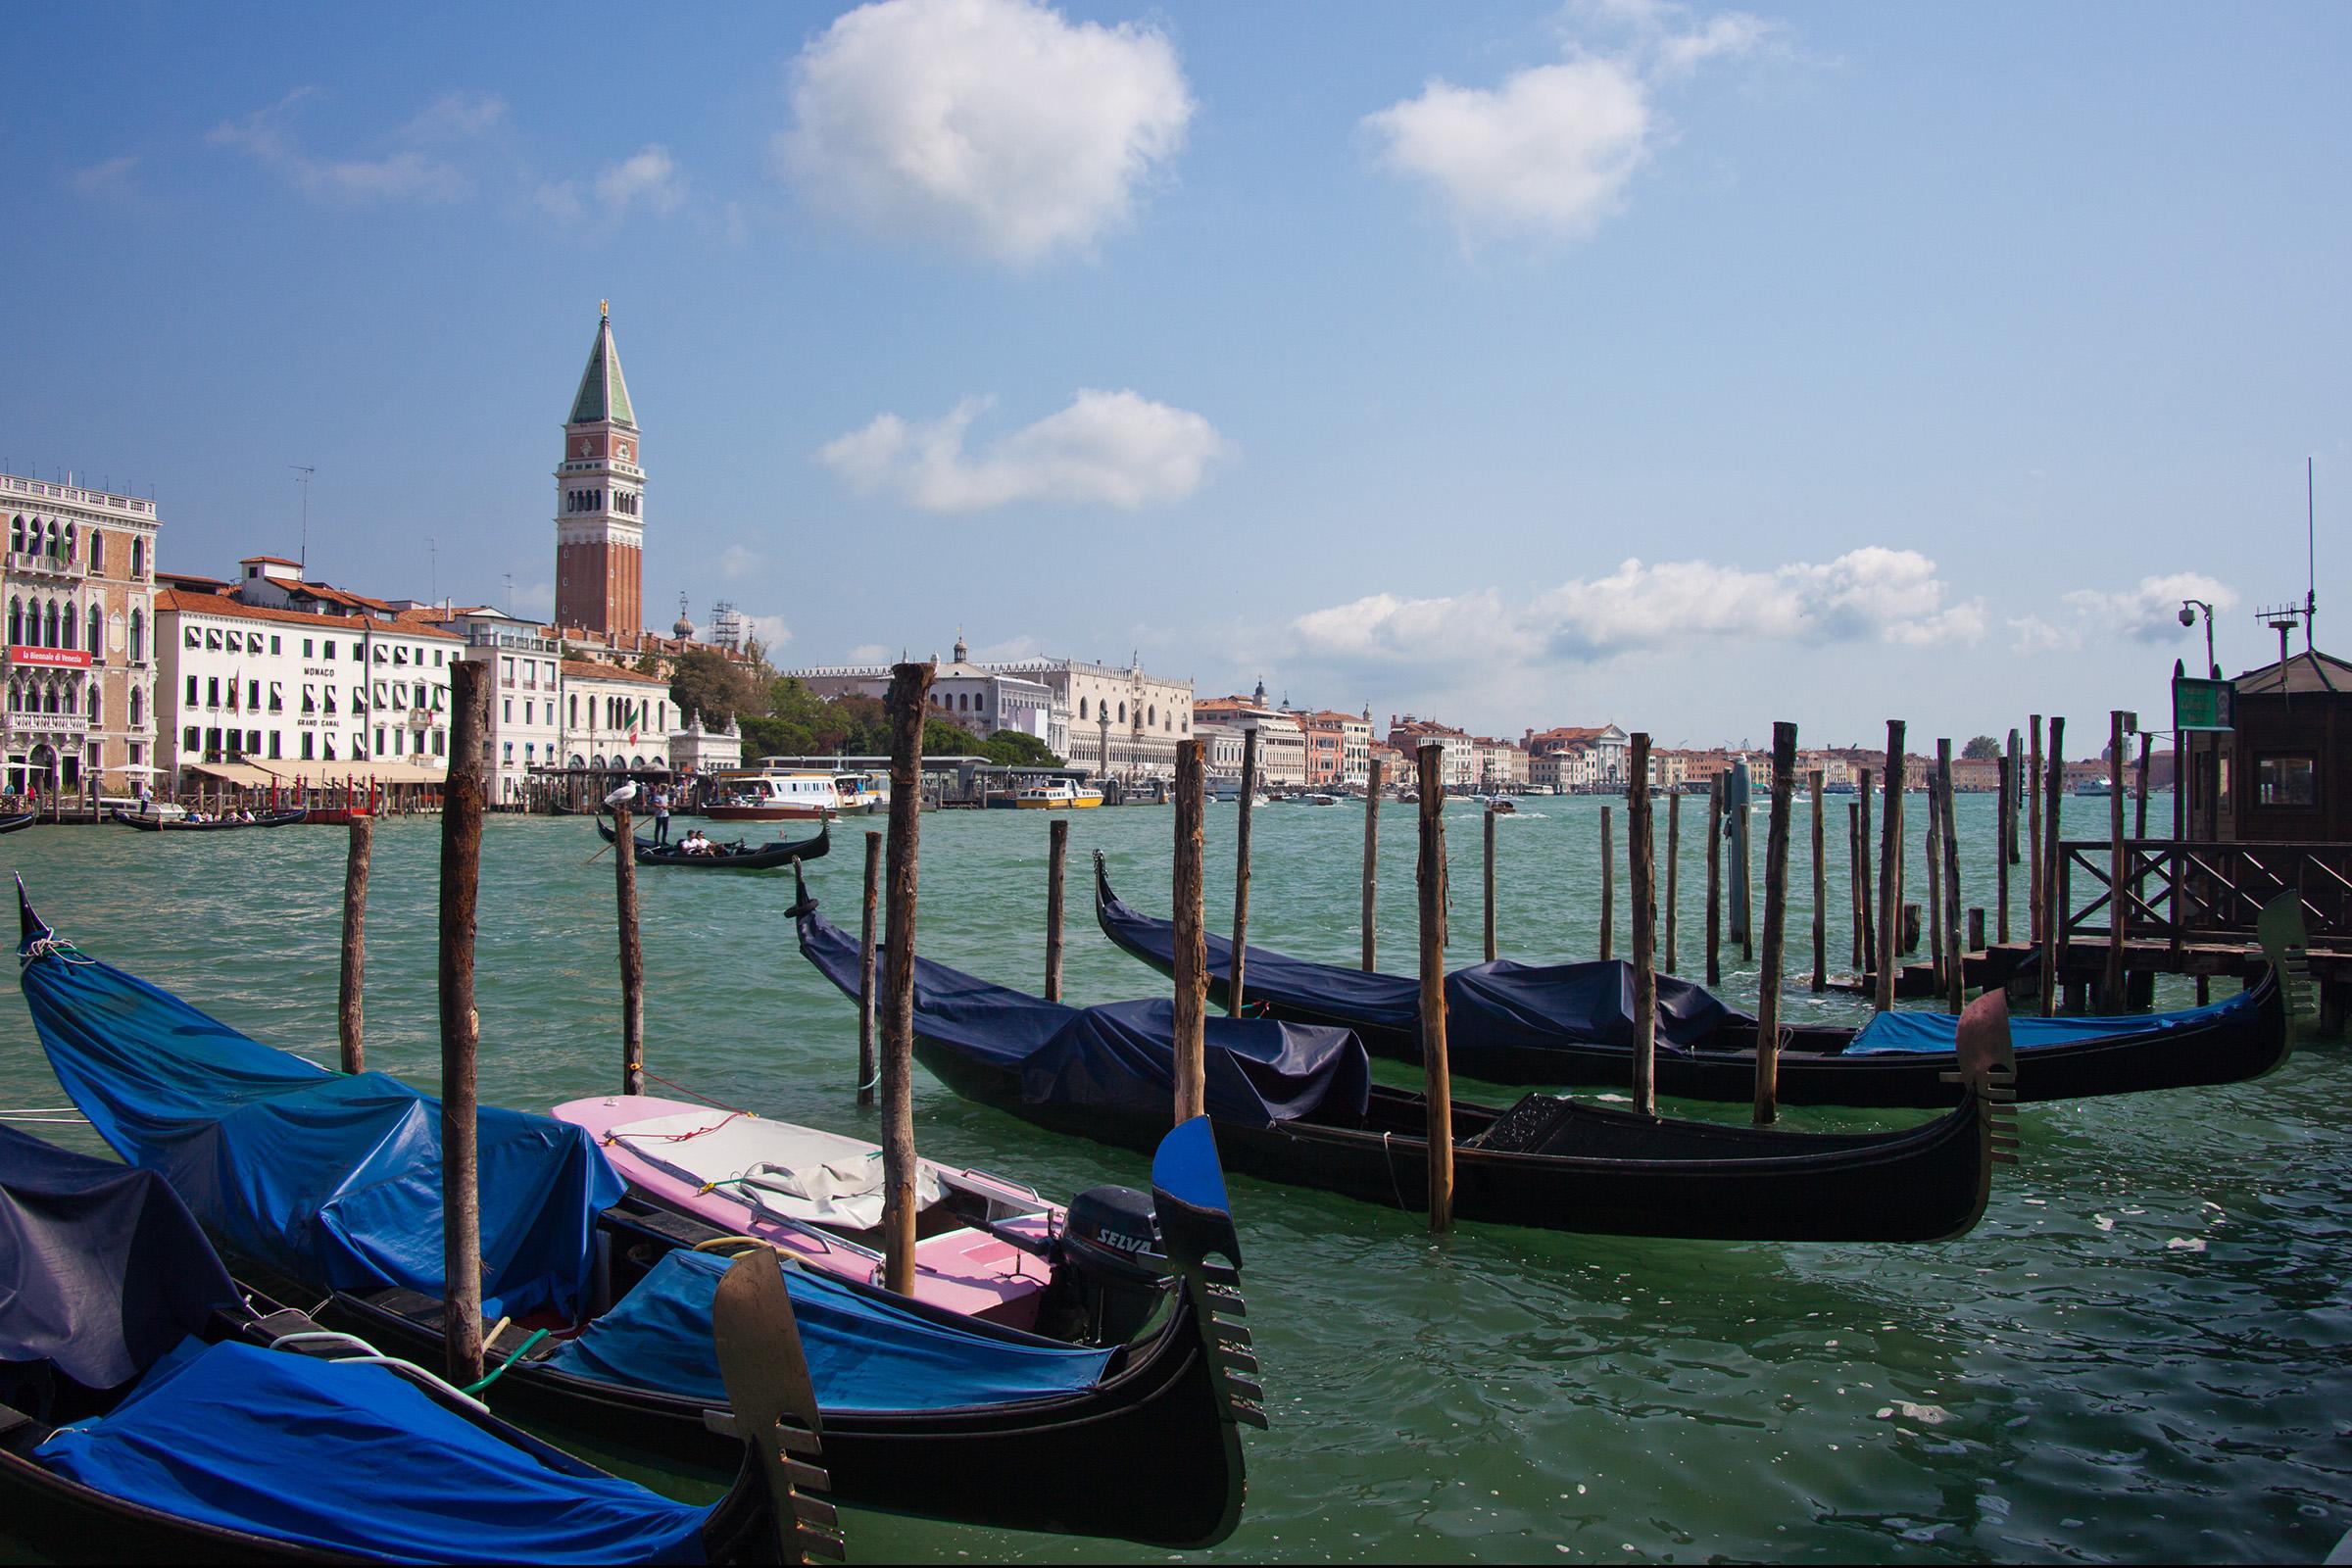 Boats, Adriatic, Touristattractio, Light, Majestic, HQ Photo